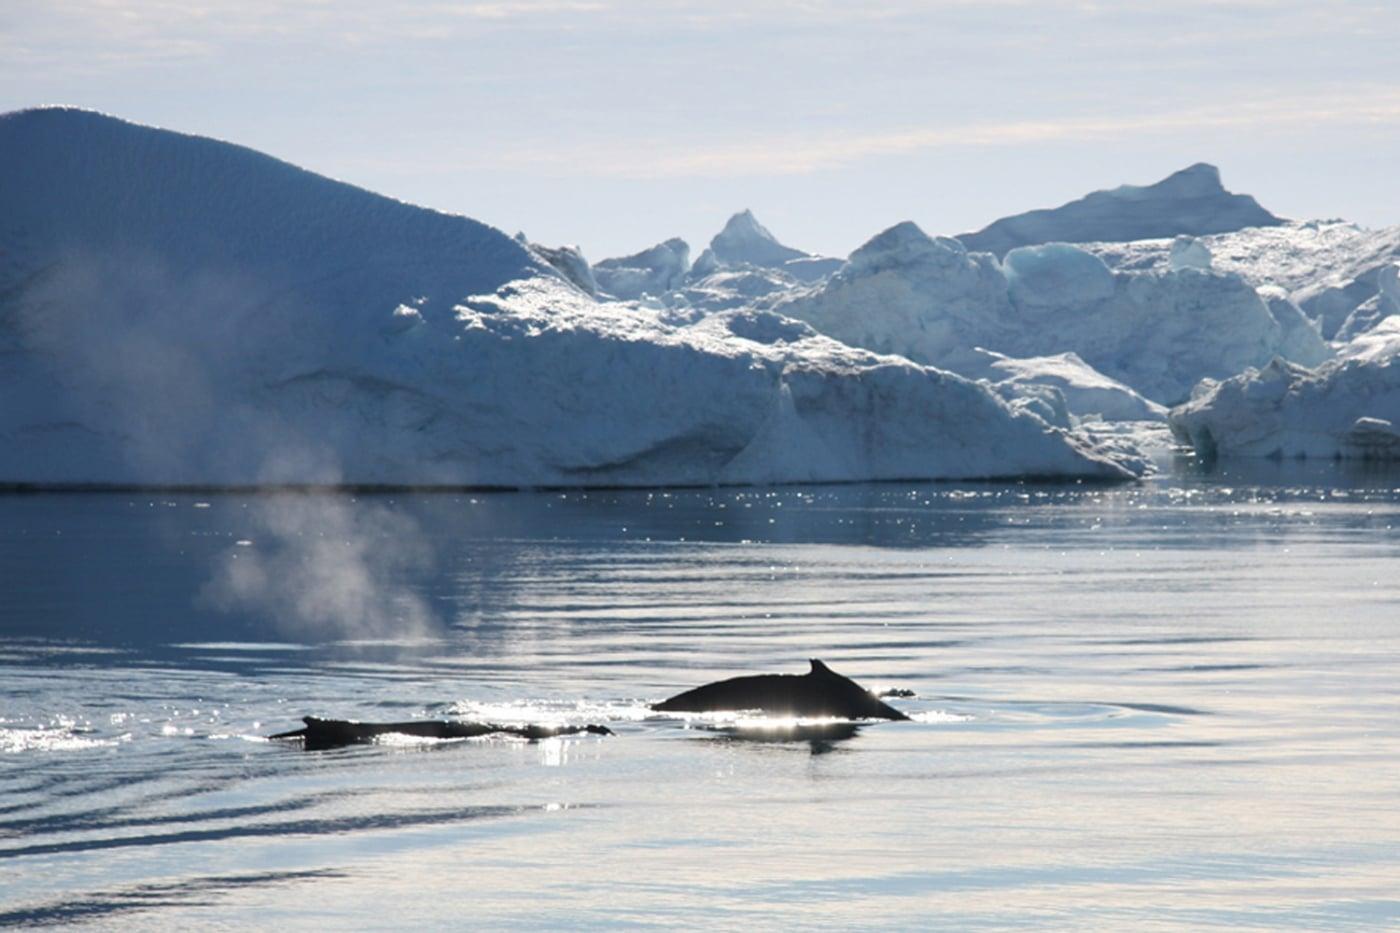 Grönlandsresor – Kayaking among whales and icebergs, 8 days